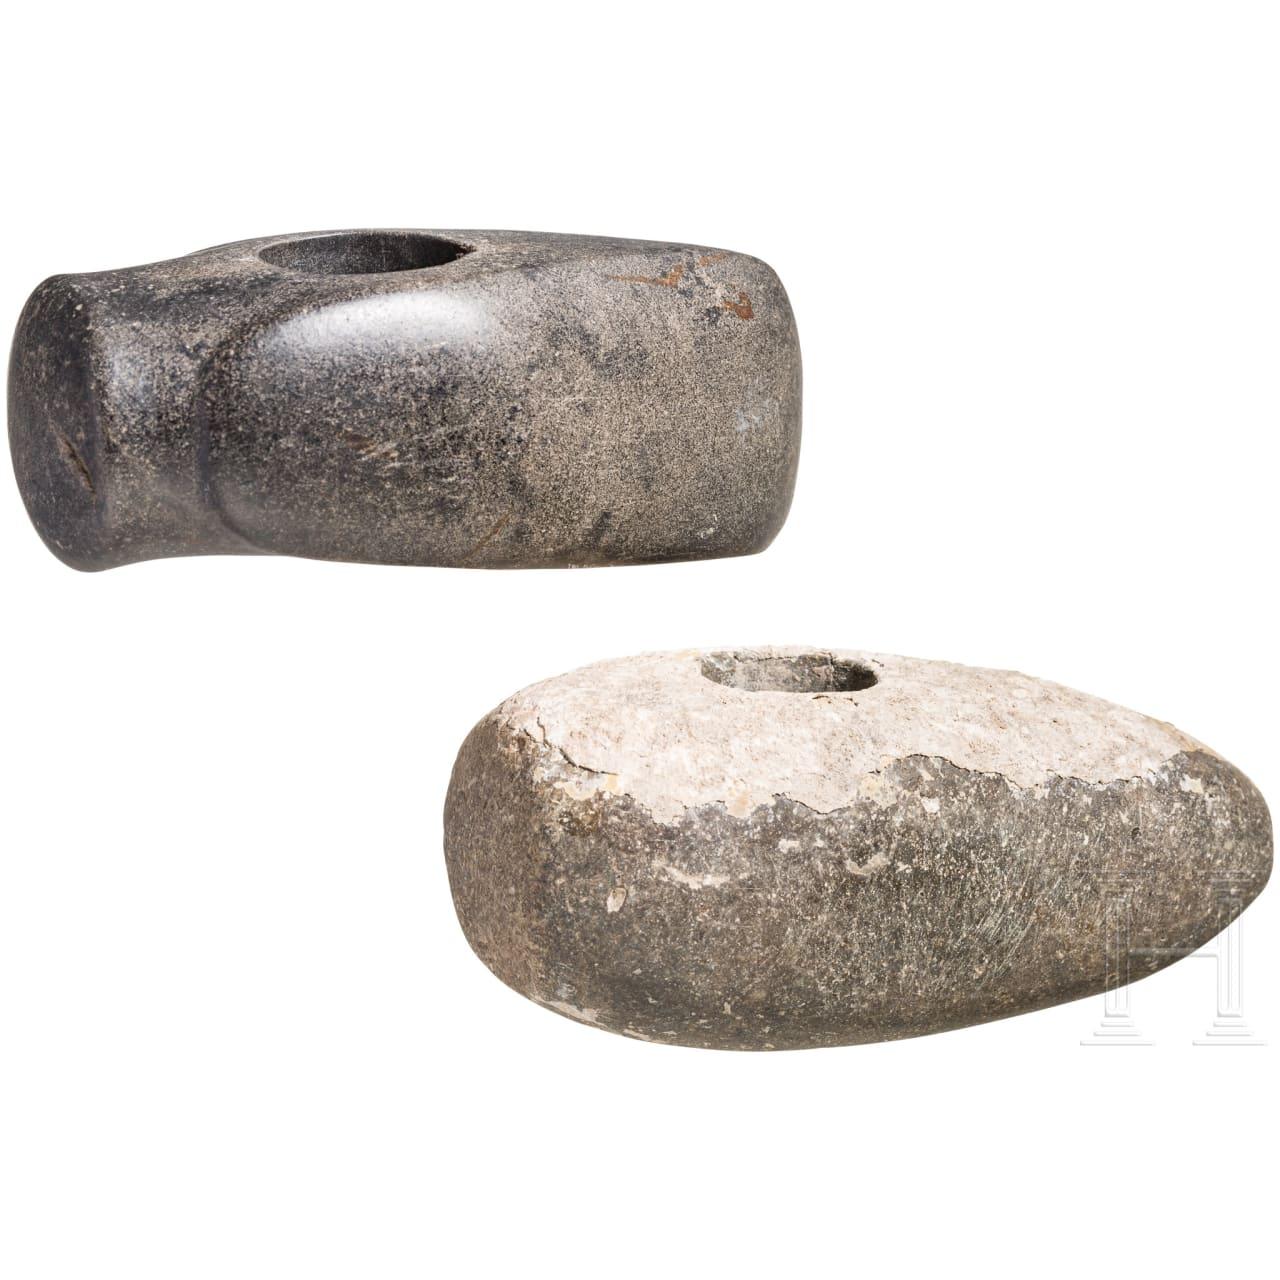 Zwei kurze Hammeräxte, Neolithikum, 4400 - 2500 v. Chr.